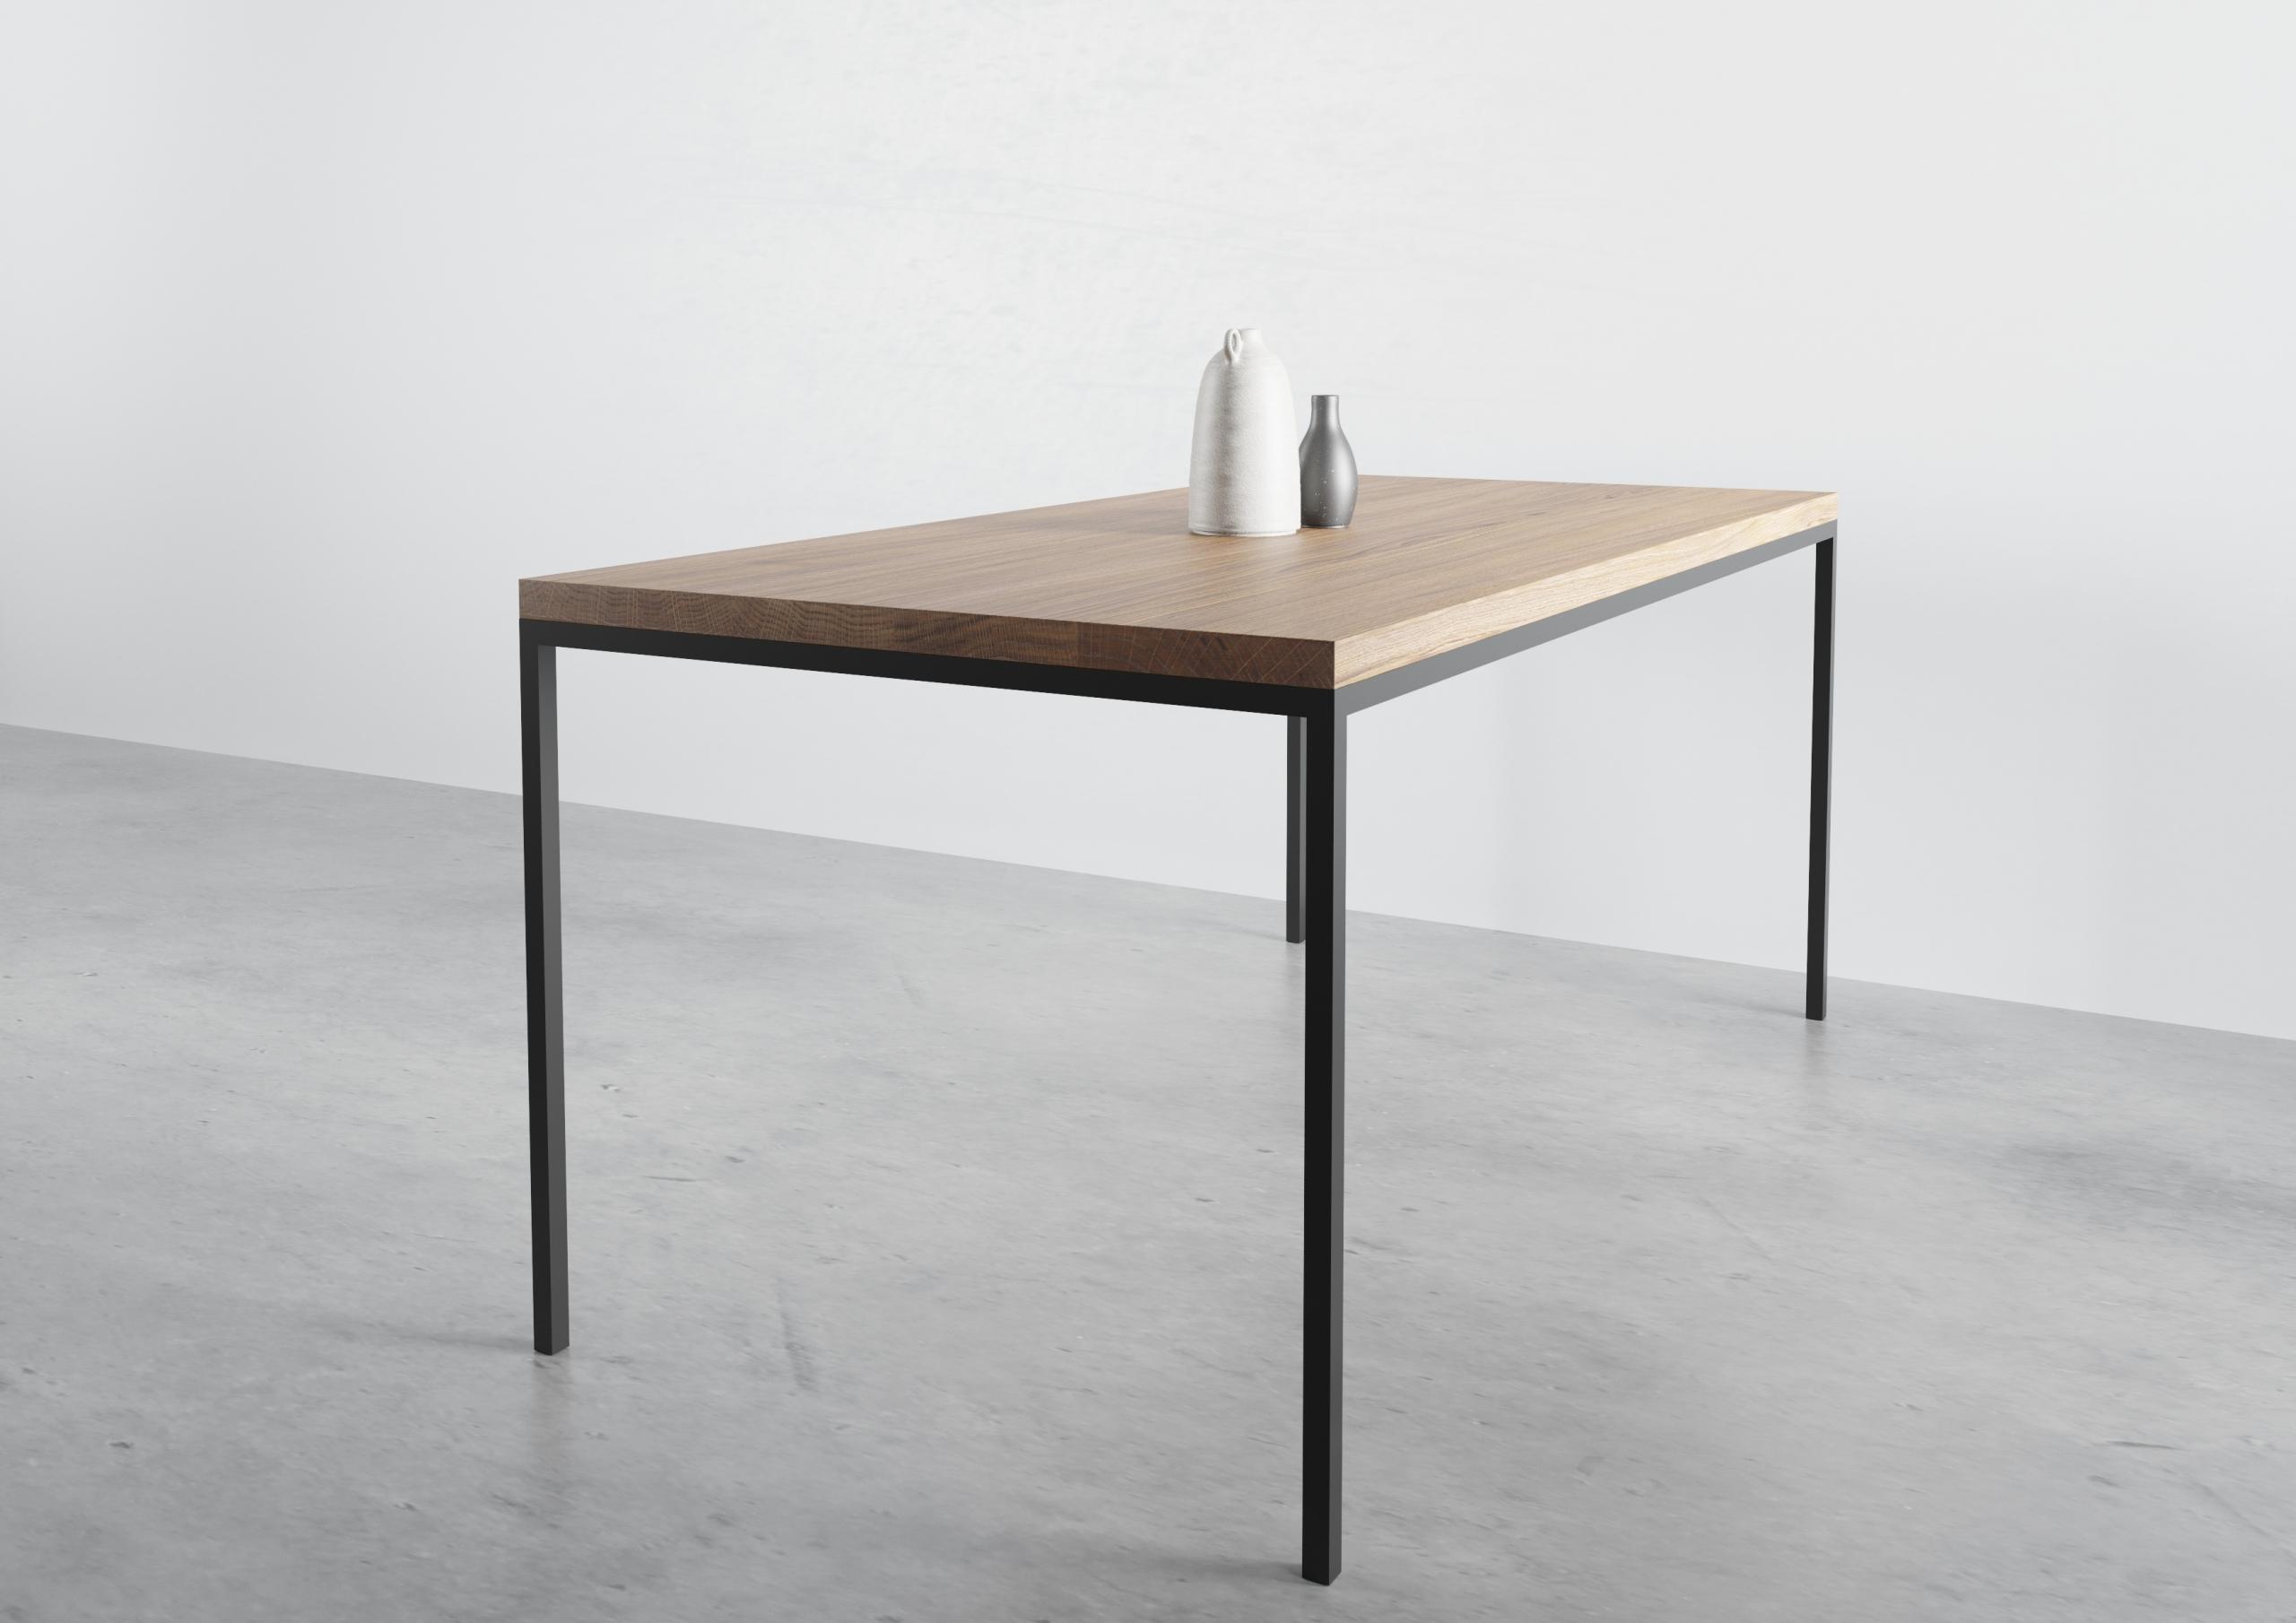 ST 14, stół dębowy do jadalni, producent stołów, prosty stół do jadalny, funkcjonalny stół do jadalni, stół do jadalni, prosta krawędź, rozkładany, stół dębowy, stół, praktyczny na 4 nogach